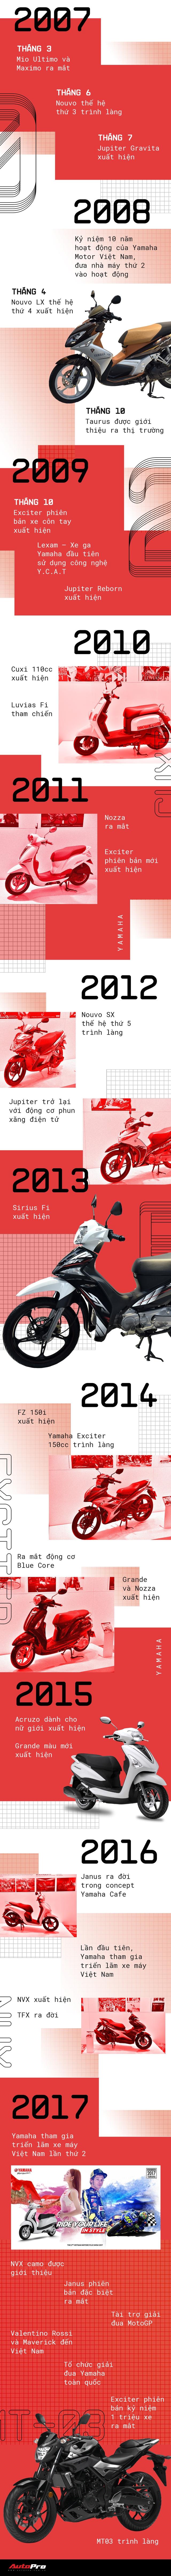 Những cột mốc quan trọng nhất của Yamaha trong 20 năm tại Việt Nam - Ảnh 2.